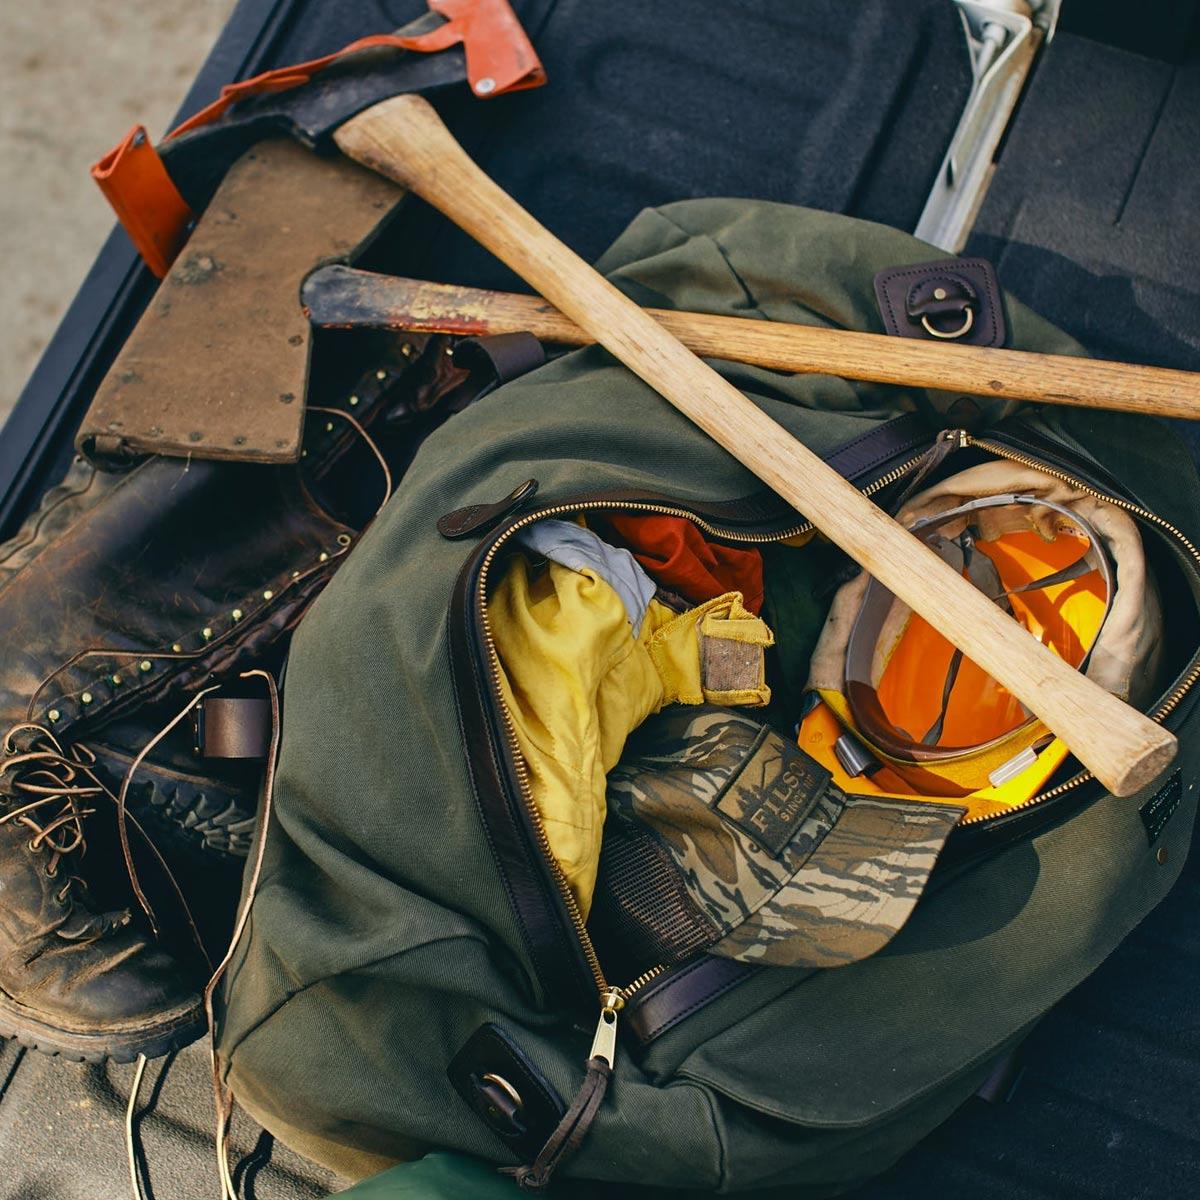 Filson Duffle Medium Otter Green, perfekt für einen Wochenendausflug oder eine kleine Geschäftsreise